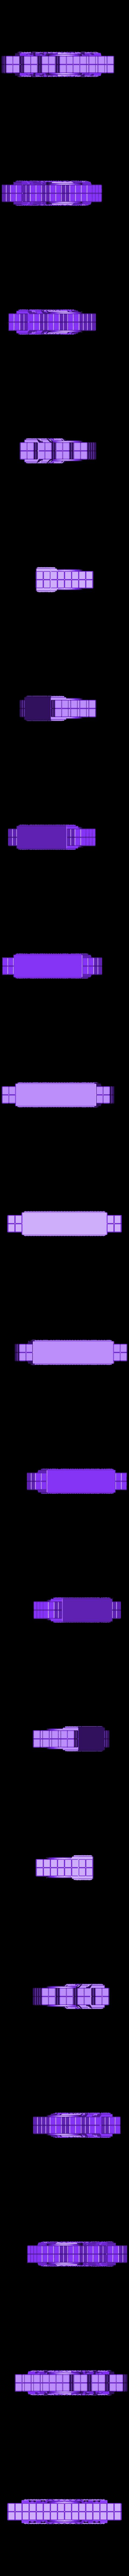 TechnoGothicReinforcedWallA.stl Télécharger fichier STL gratuit ScatterBlocks : Murs TechnoGothique (échelle 28mm/32mm) • Plan pour impression 3D, Dutchmogul